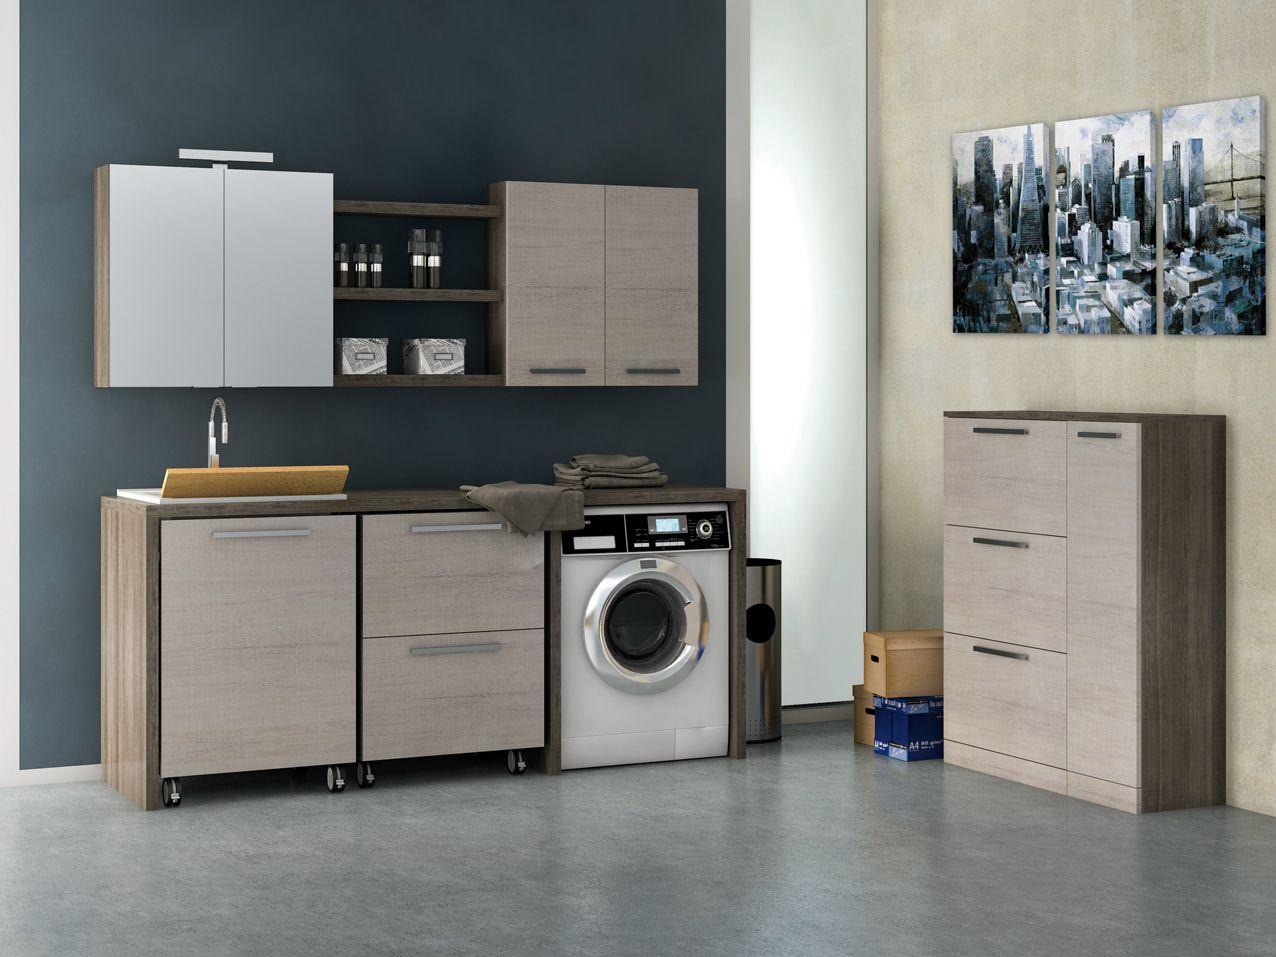 Mobile lavabo per lavatrice in legno in stile moderno con armadio